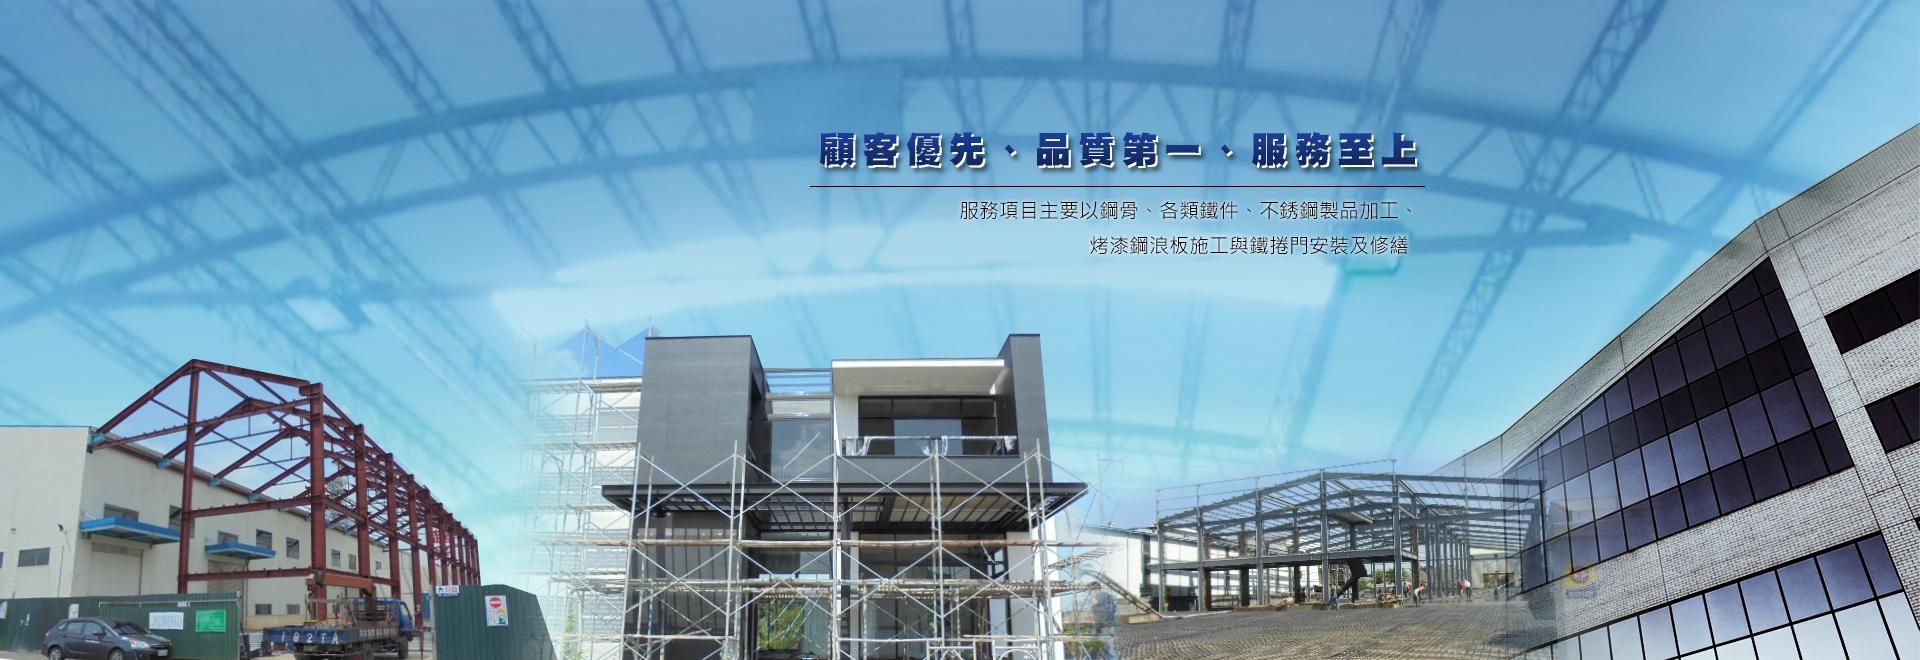 彰化鋼構工程,鋼骨結構,安立鋼構工程有限公司